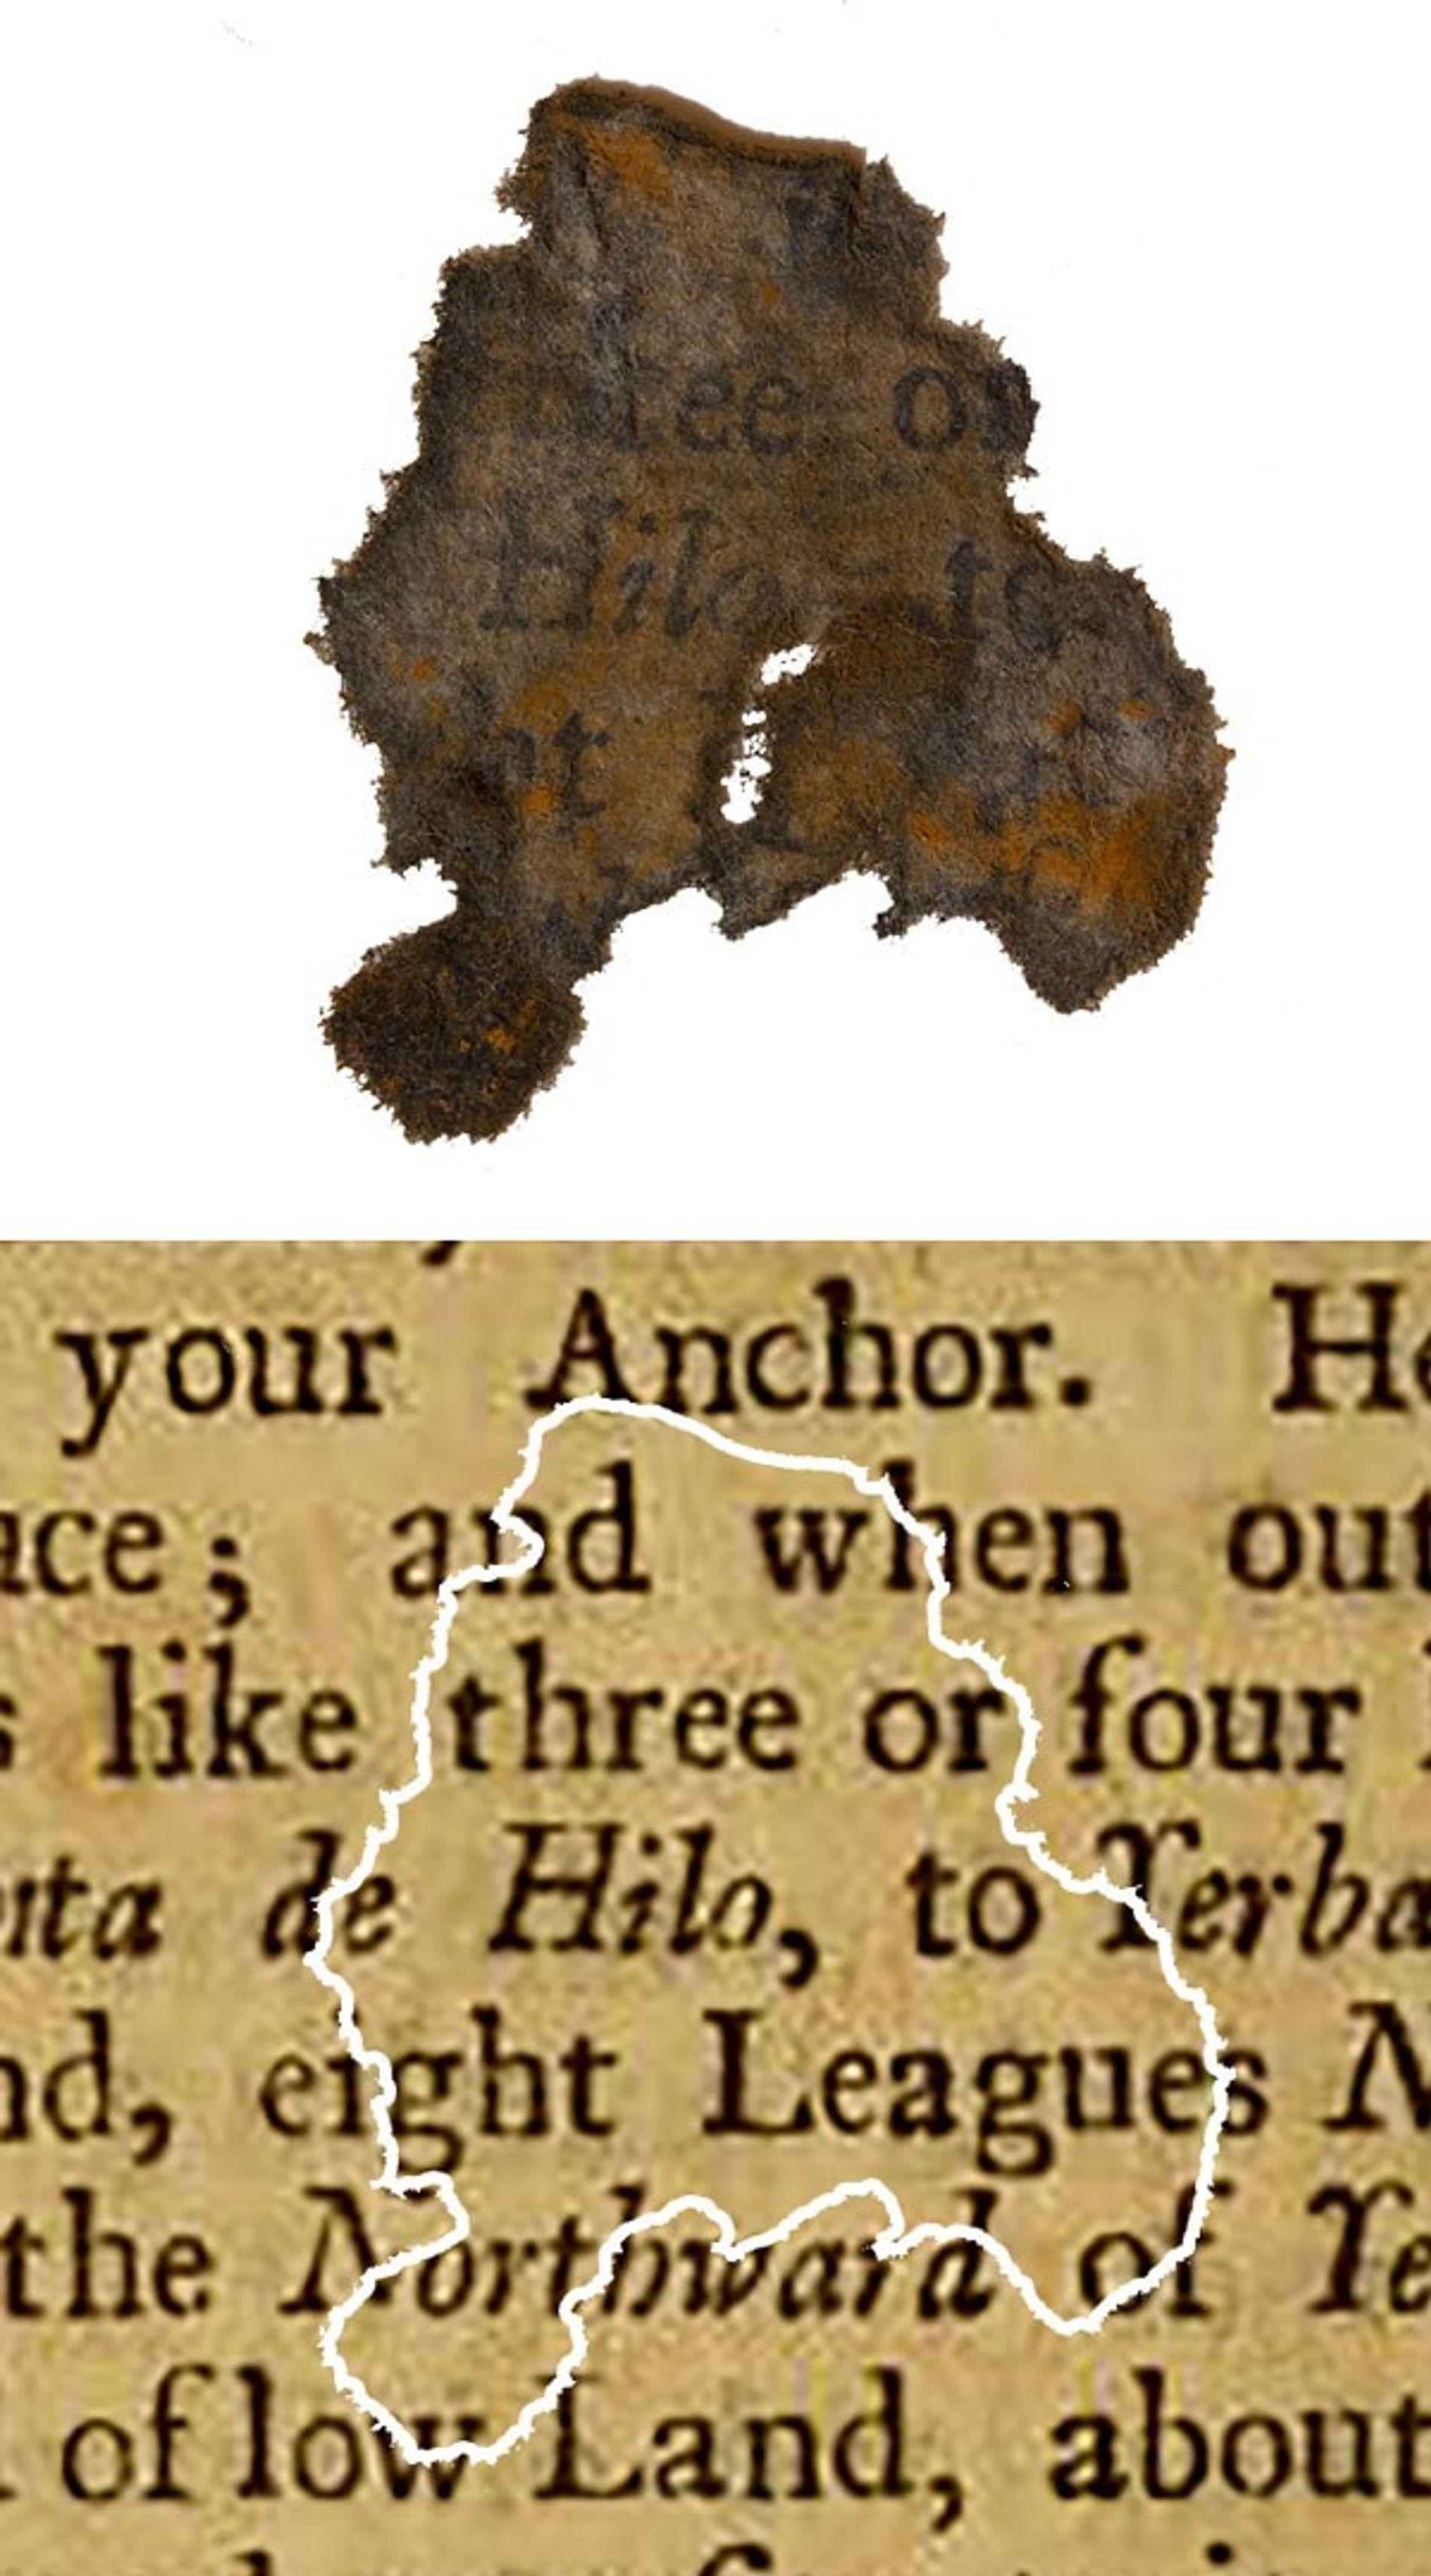 Un fragmento de papel descubierto en el buque insignia de Barbanegra, la Venganza de la Reina Ana, comparado con el libro del que procede.